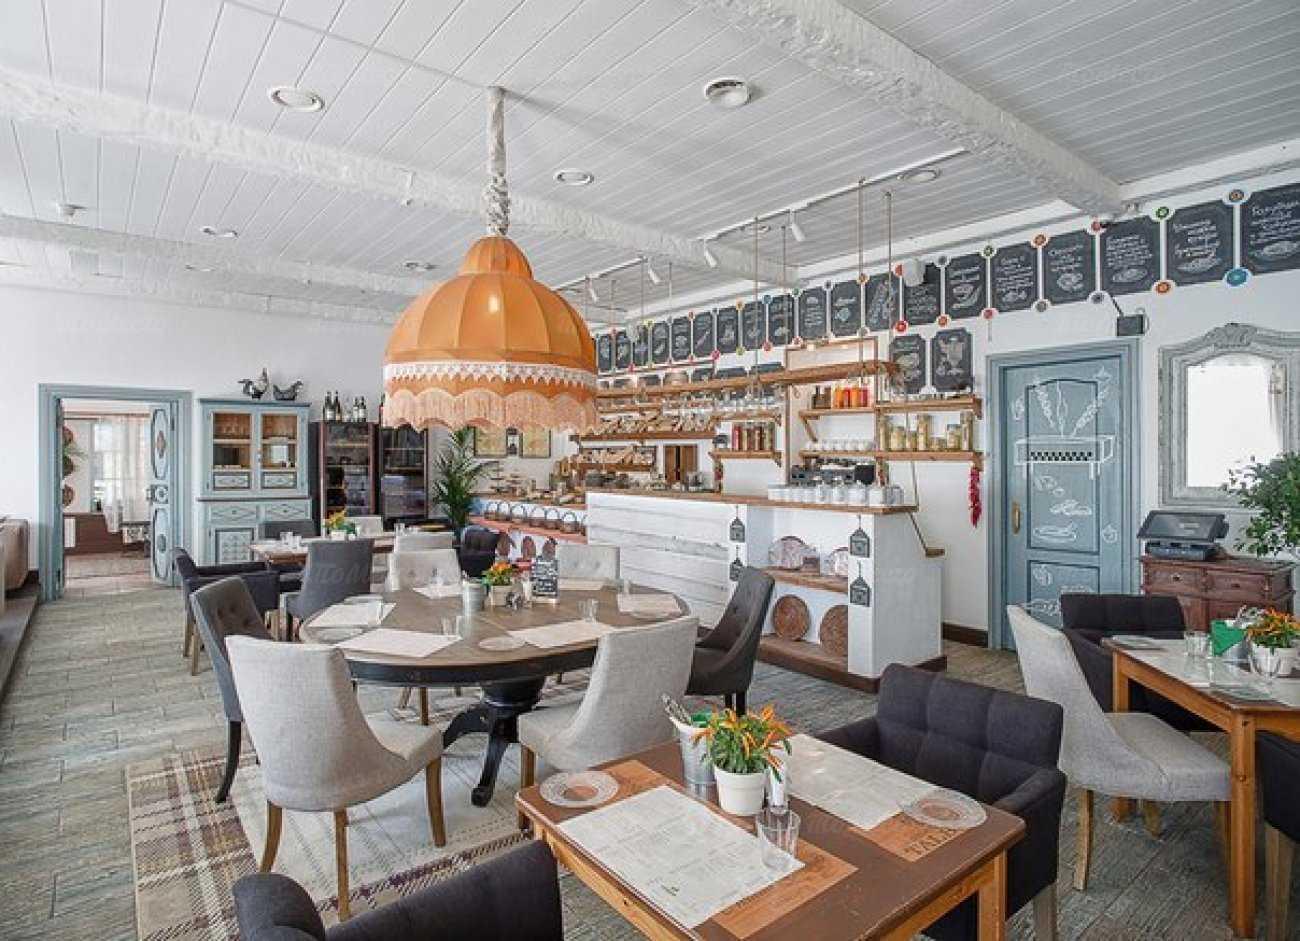 Меню ресторана Legran Village (Легран Вилладж) на Приморском шоссе